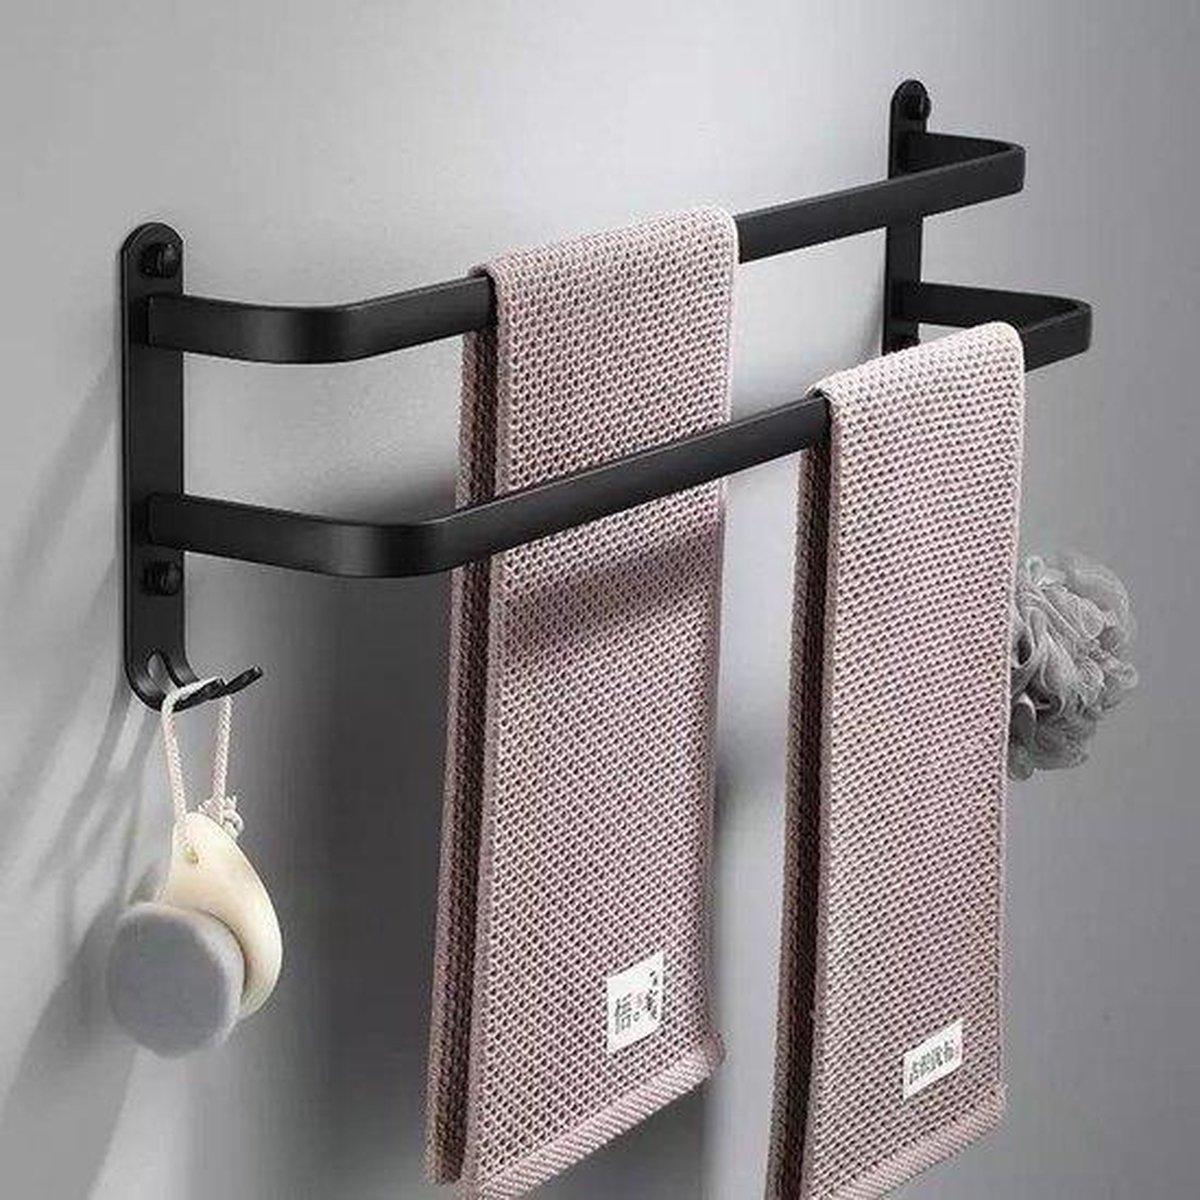 Zwarte handdoekrek Twin 30 cm - Handdoekhouder- Badkamer rek- Handdoekrek - Zwarte handdoekenhouder